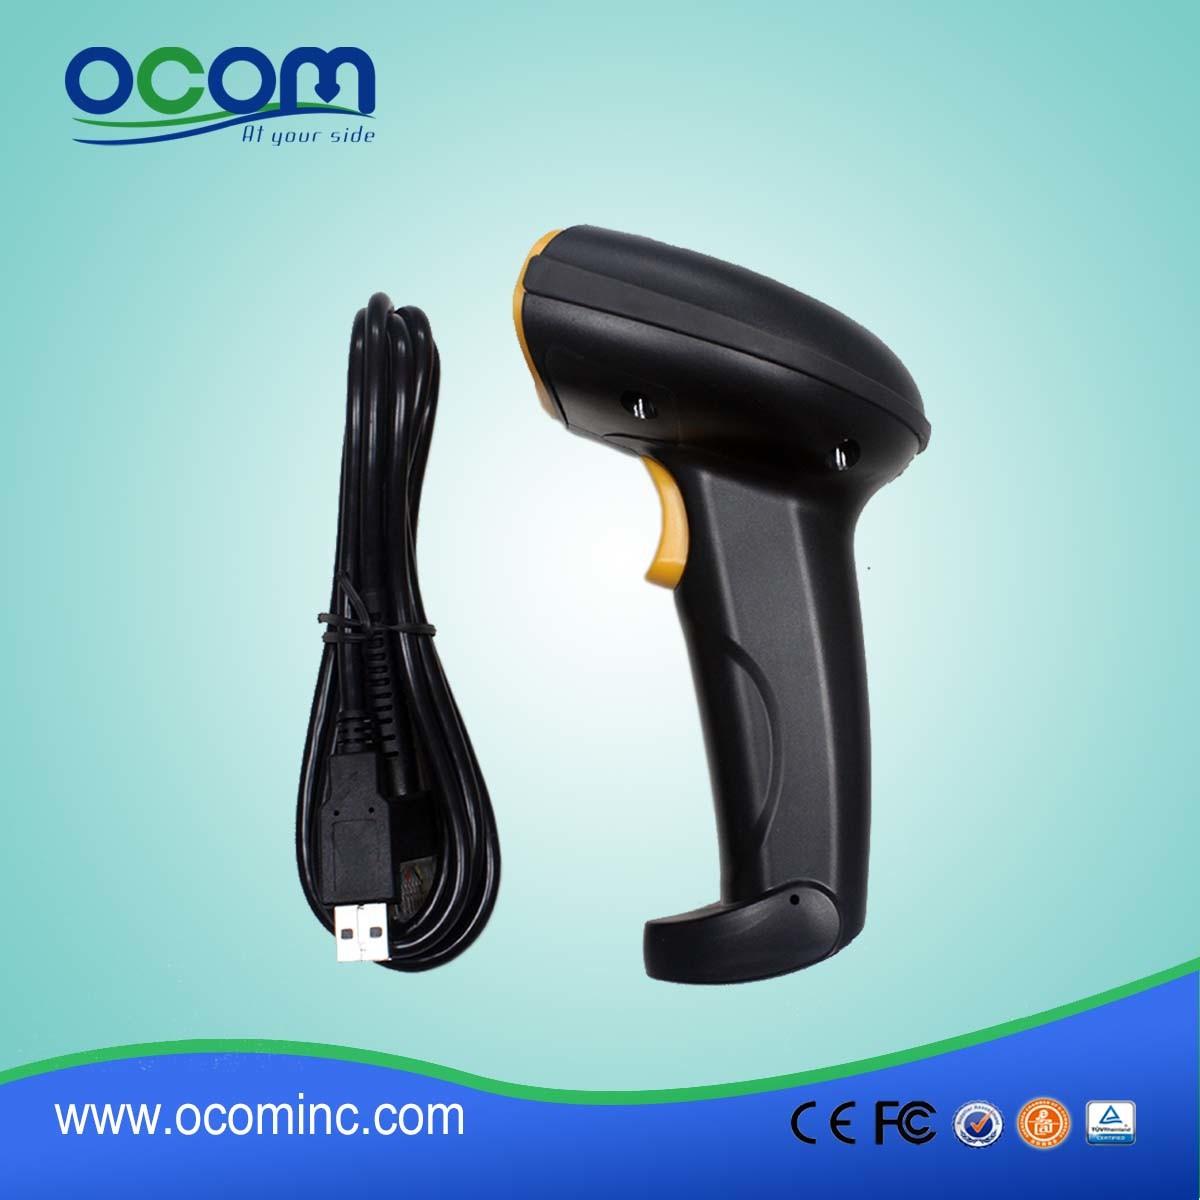 Ocbs-2010: Cheap Handheld USB Qr 2D Barcode Scanner